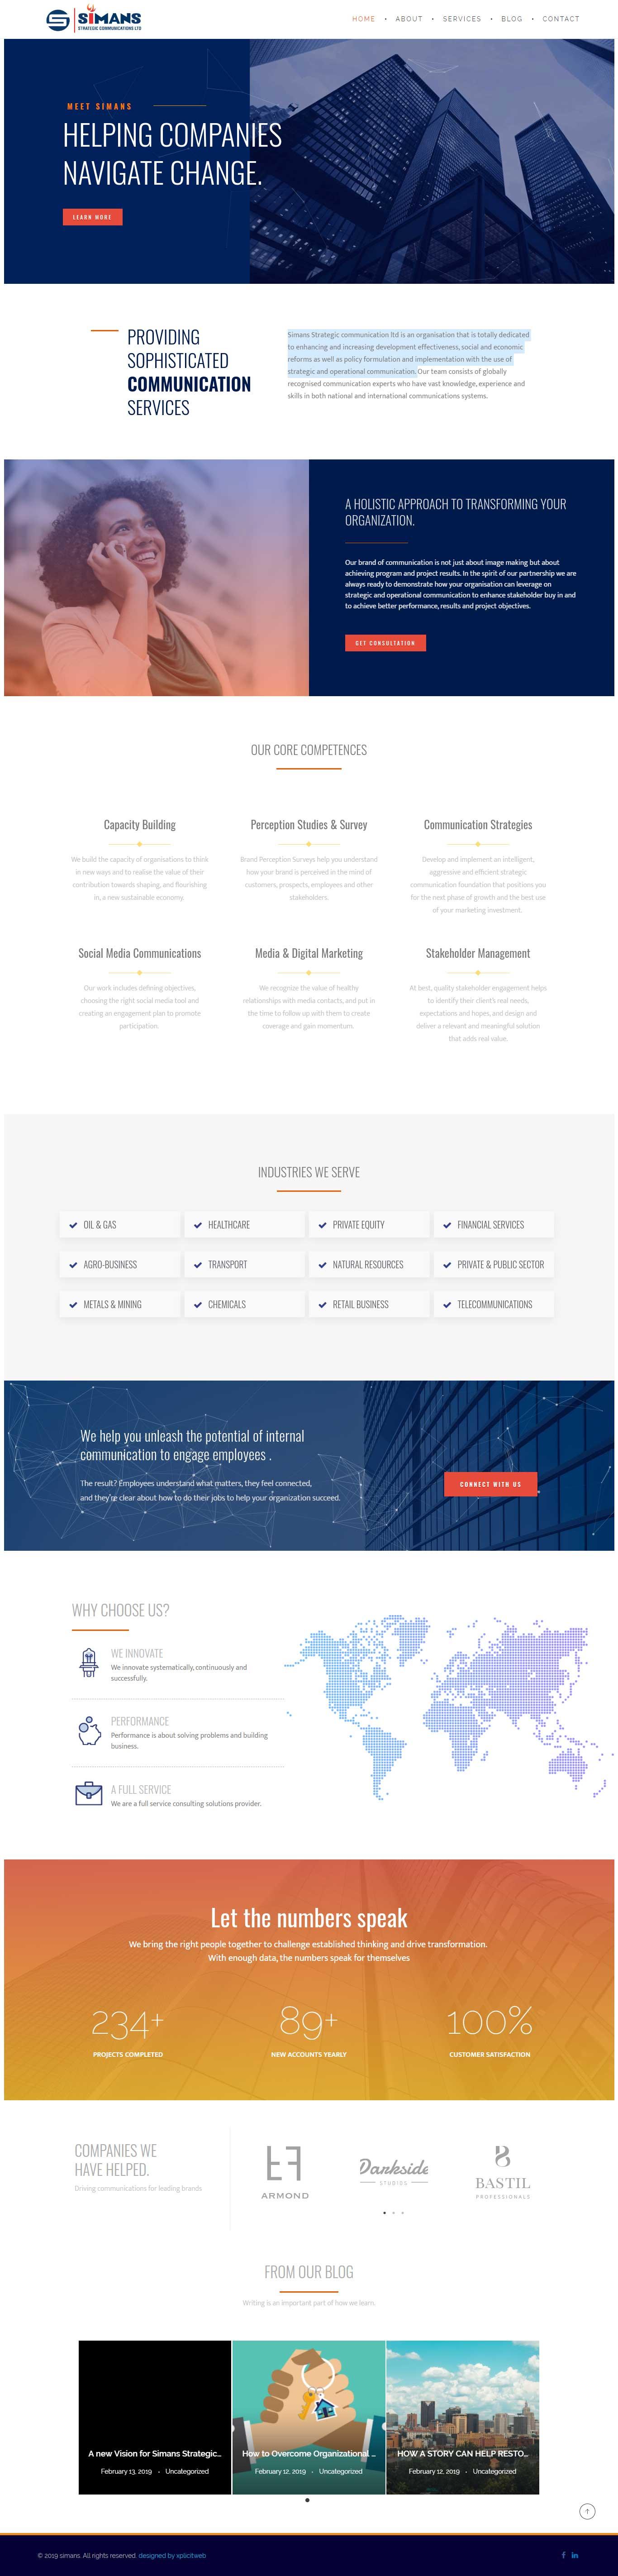 Web design company in Nigeria